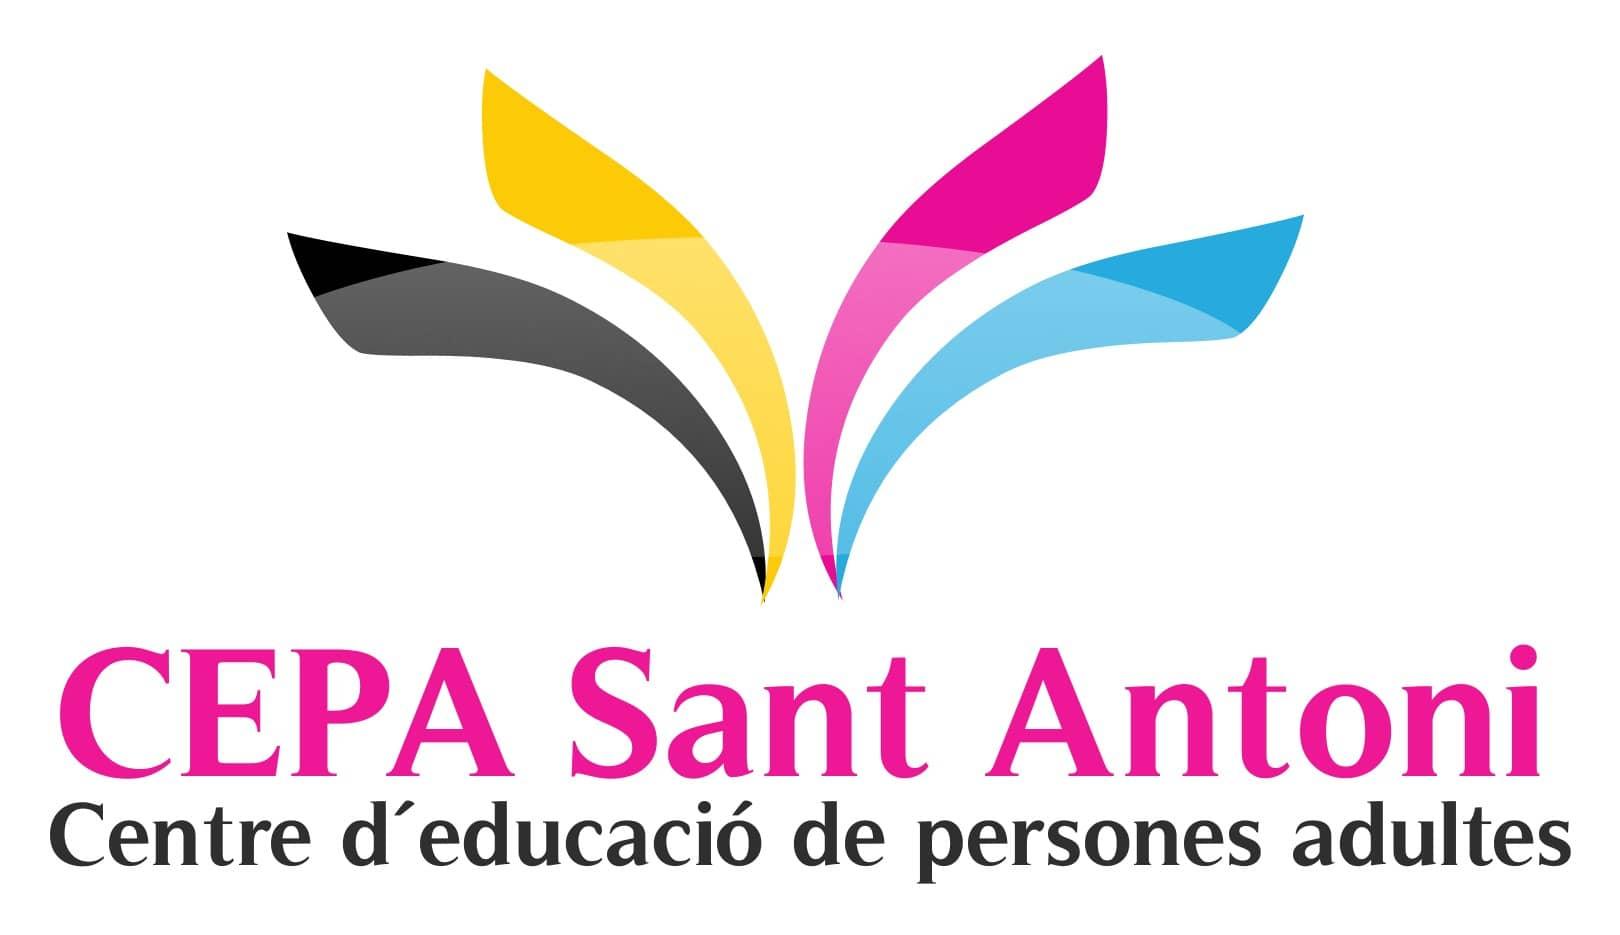 CEPA Sant Antoni-1 (1)